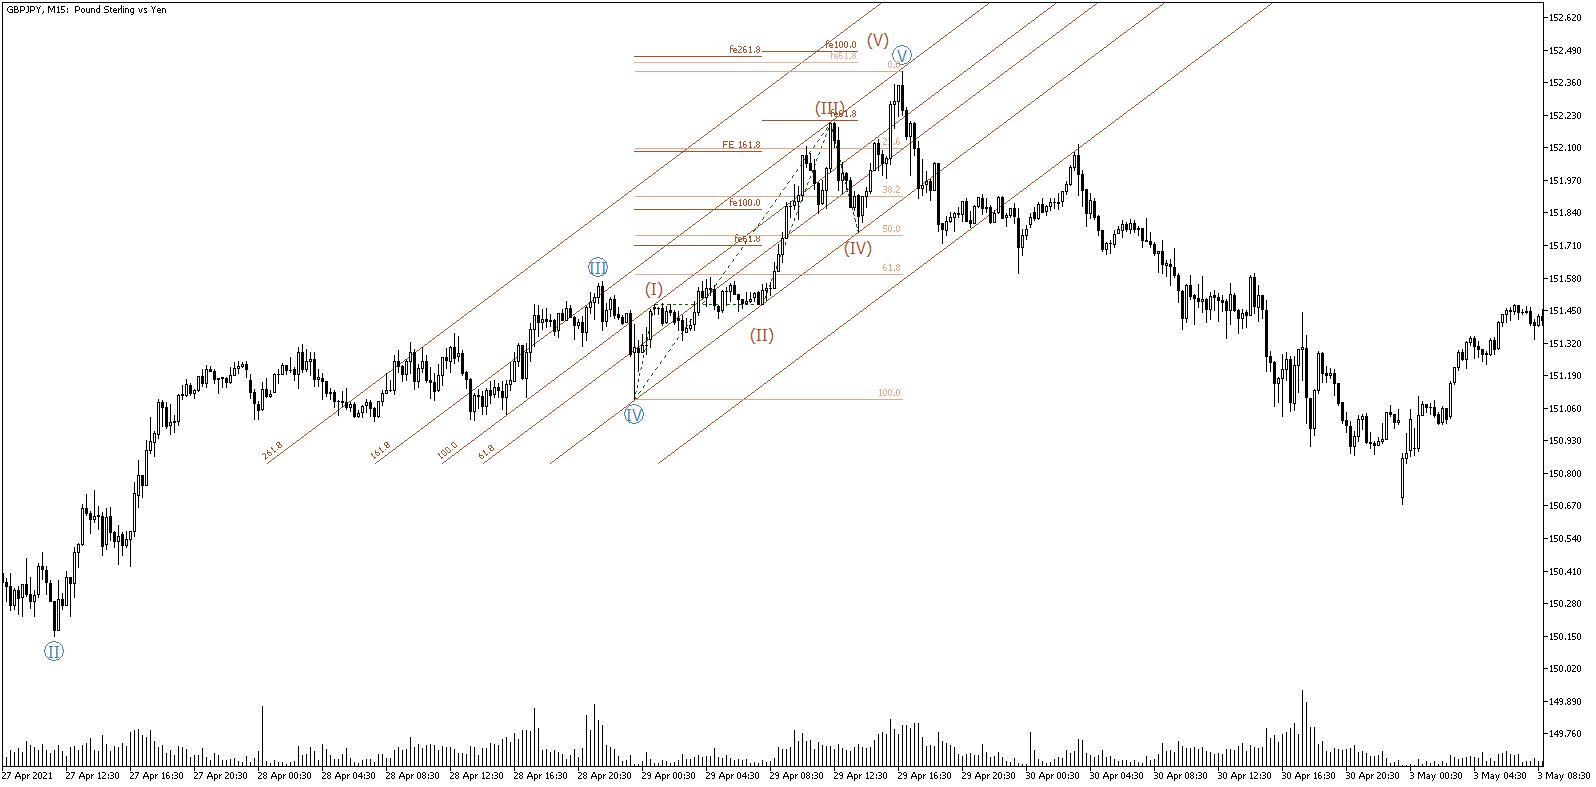 20210423gbpjpym15c